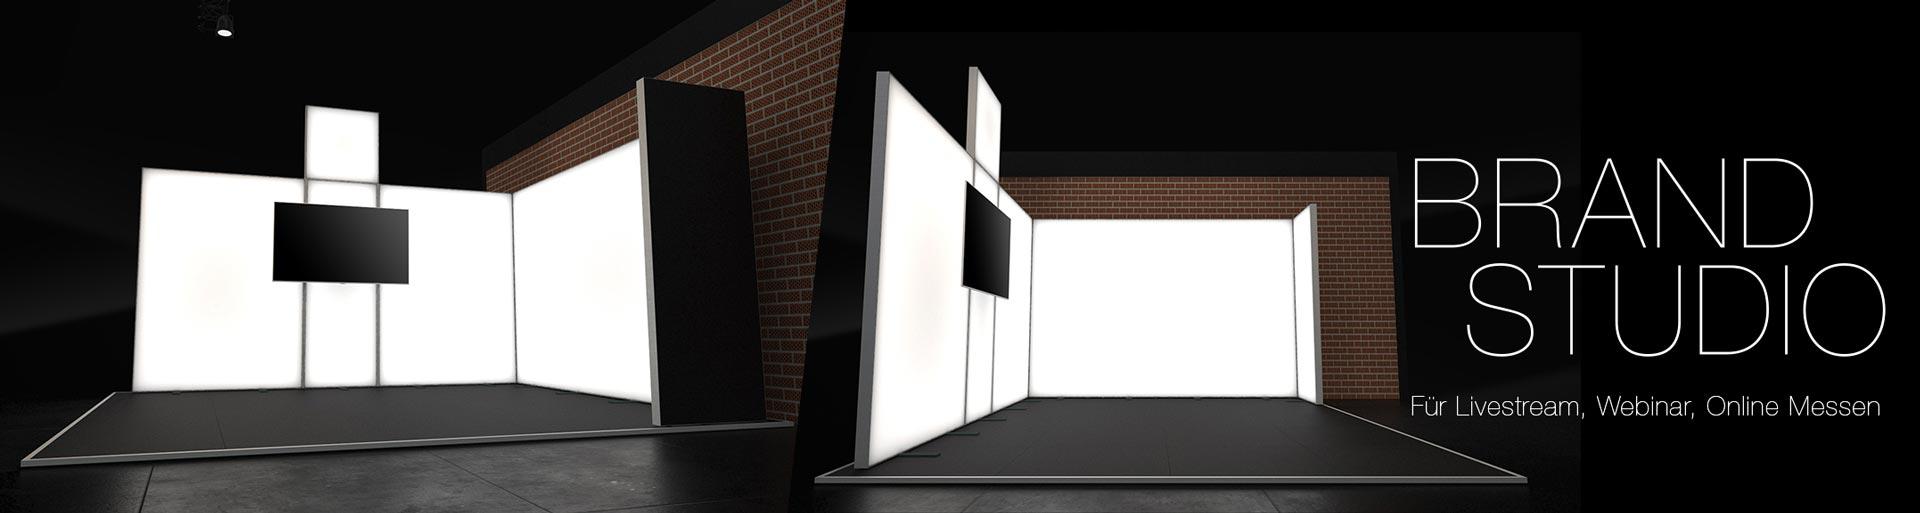 Brand Studio - Ihr Set für Webinare, Livestreams und Online Messen